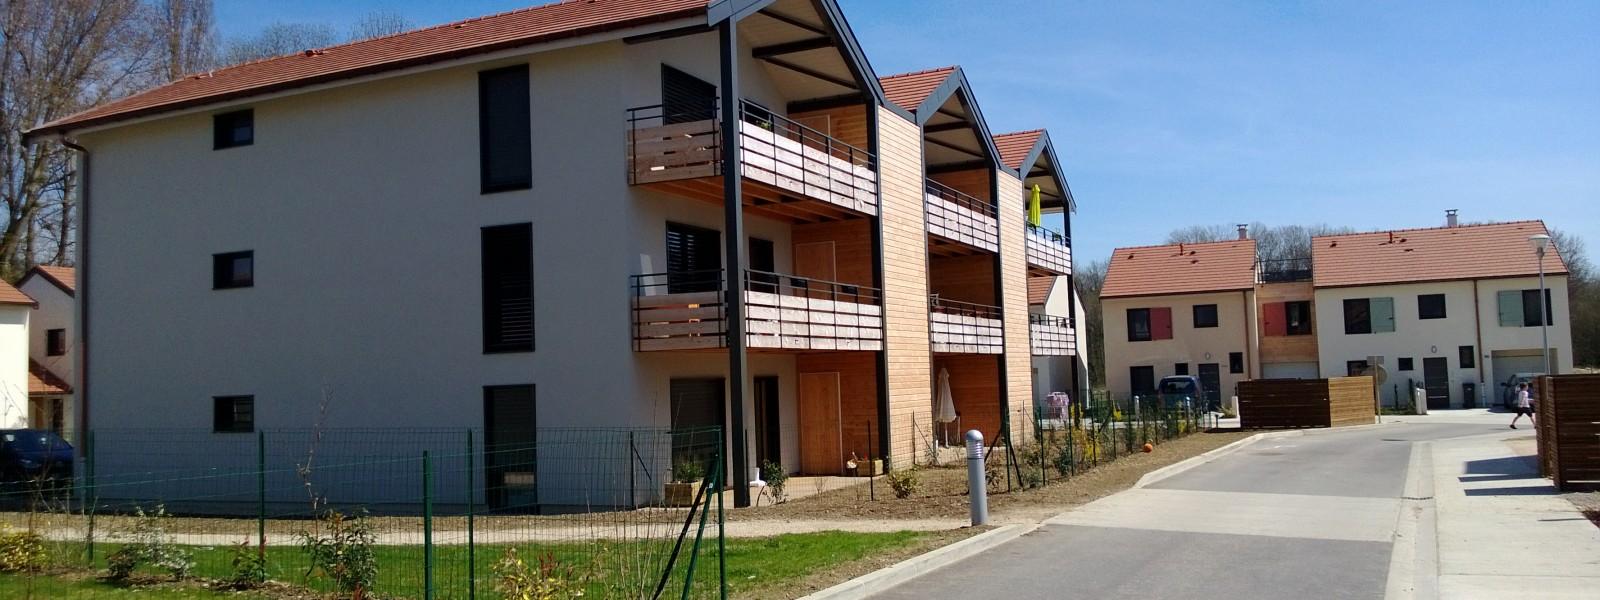 VERTE LILETTE - Visuel 3 - Impact immobilier 01